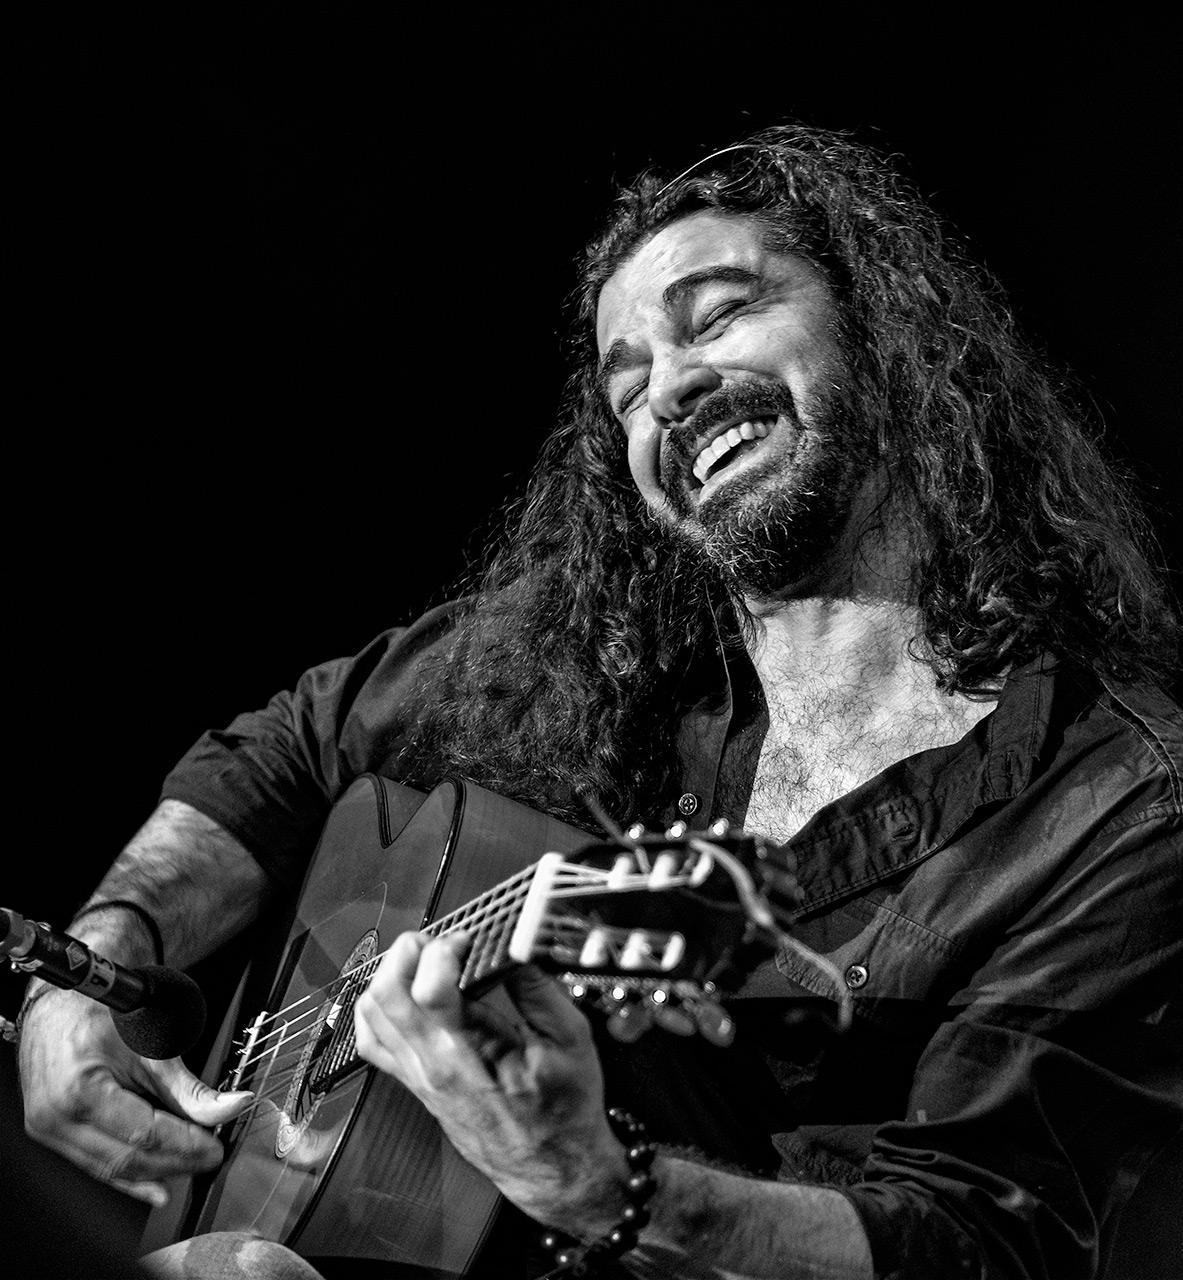 Luis Gallo | Author scaramouche | PHOTO FORUM